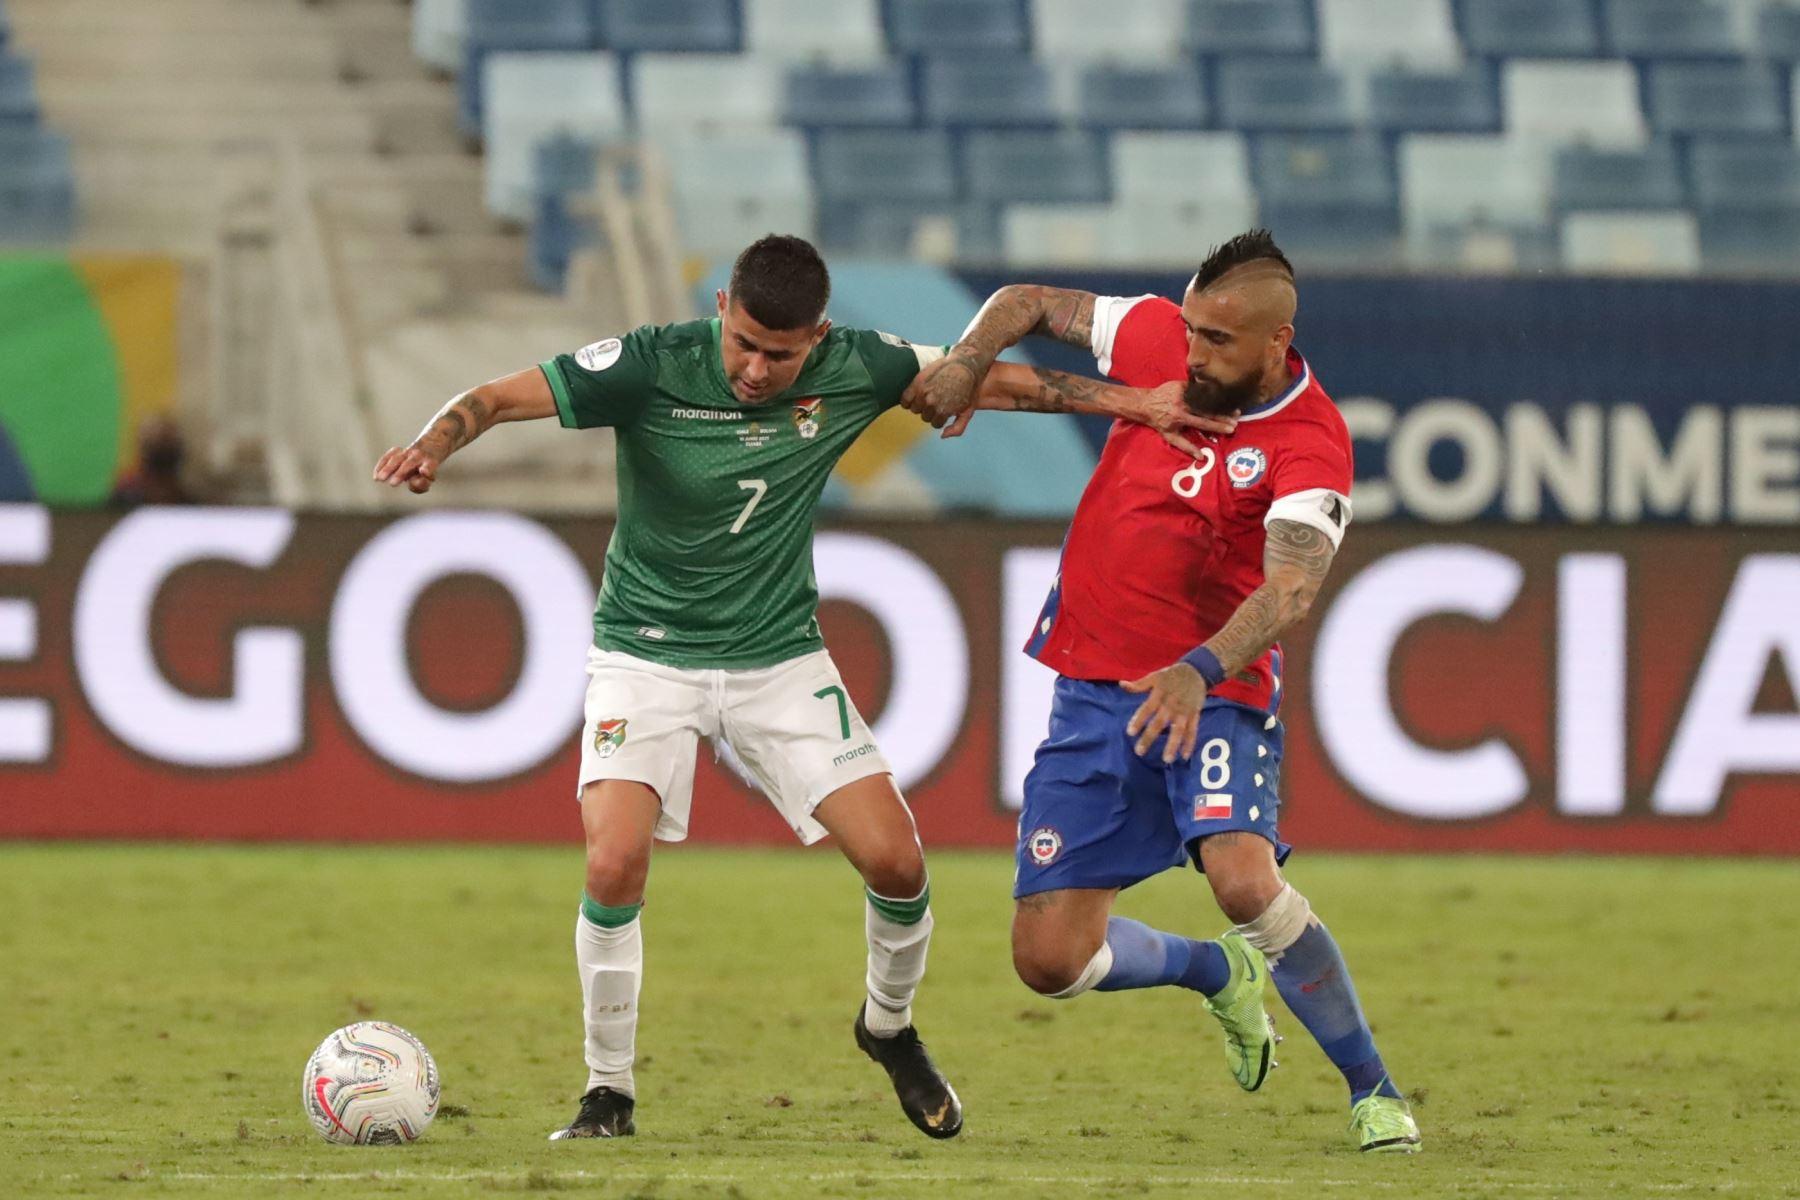 Arturo Vidal de Chile disputa el balón con Juan Carlos Arce de Bolivia durante un partido por el grupo A de la Copa América, en el estadio Arena Pantanal de Cuiabá, Brasil. Foto: EFE